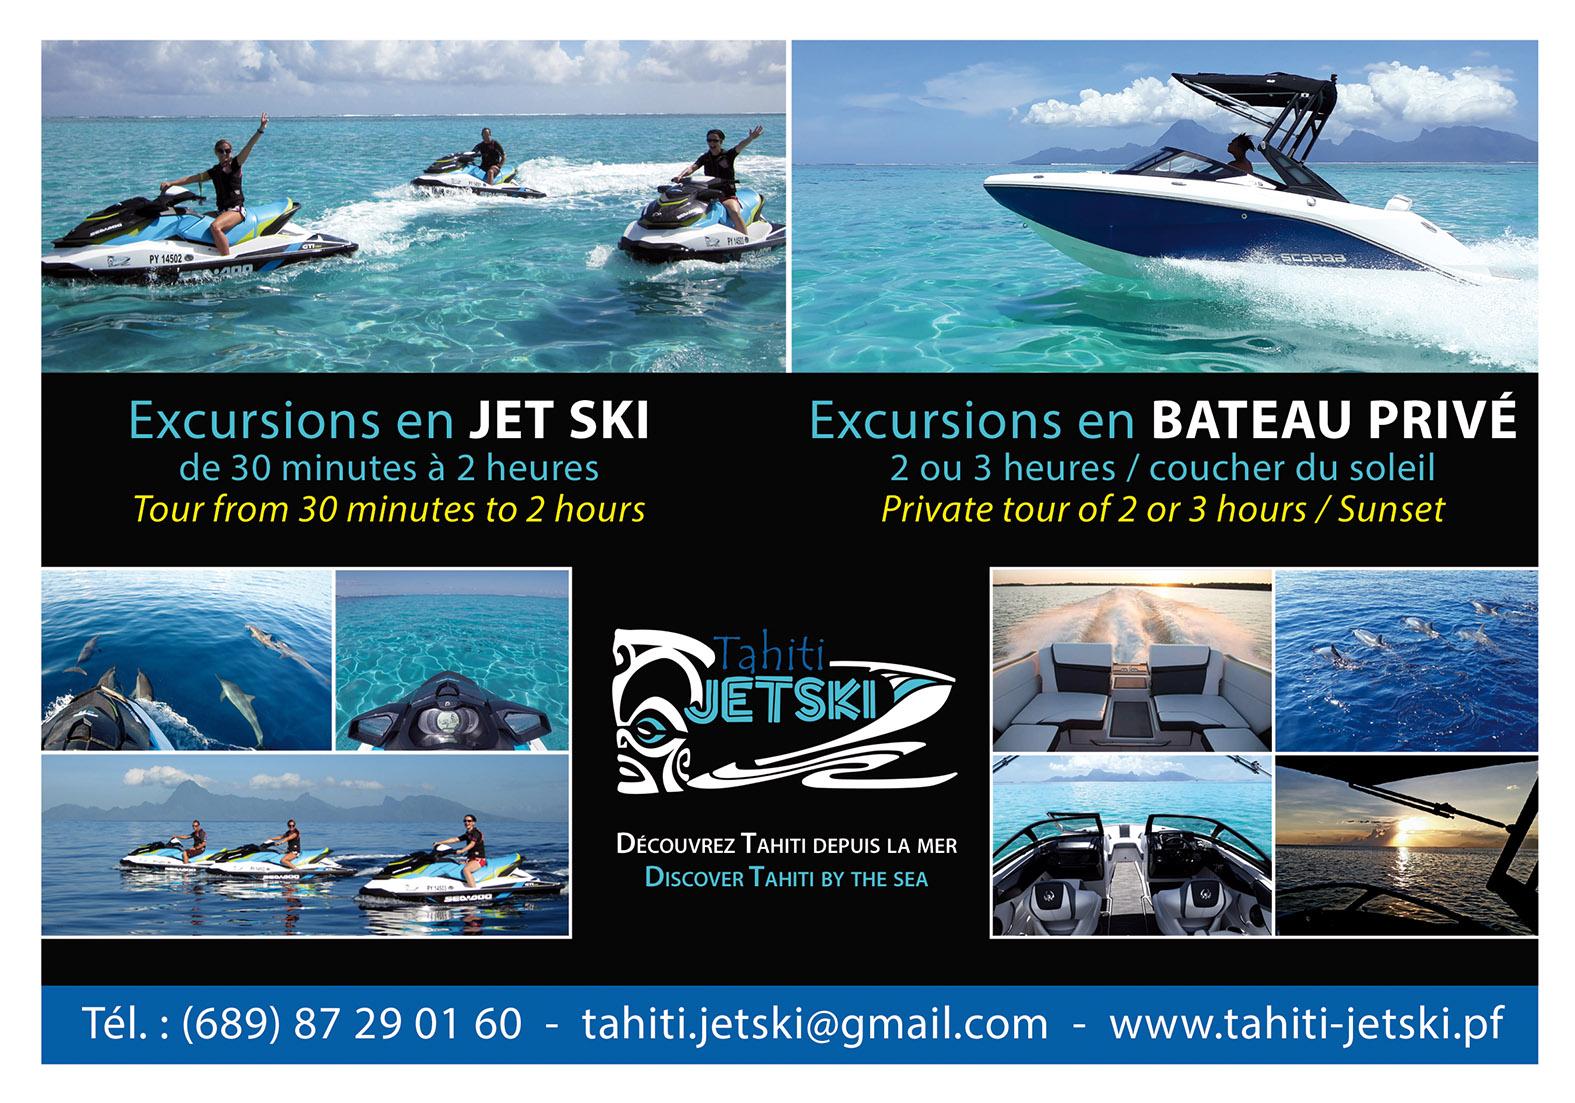 https://tahititourisme.cl/wp-content/uploads/2017/08/Tahiti-Jet-Ski-190x130-sept-2.jpg